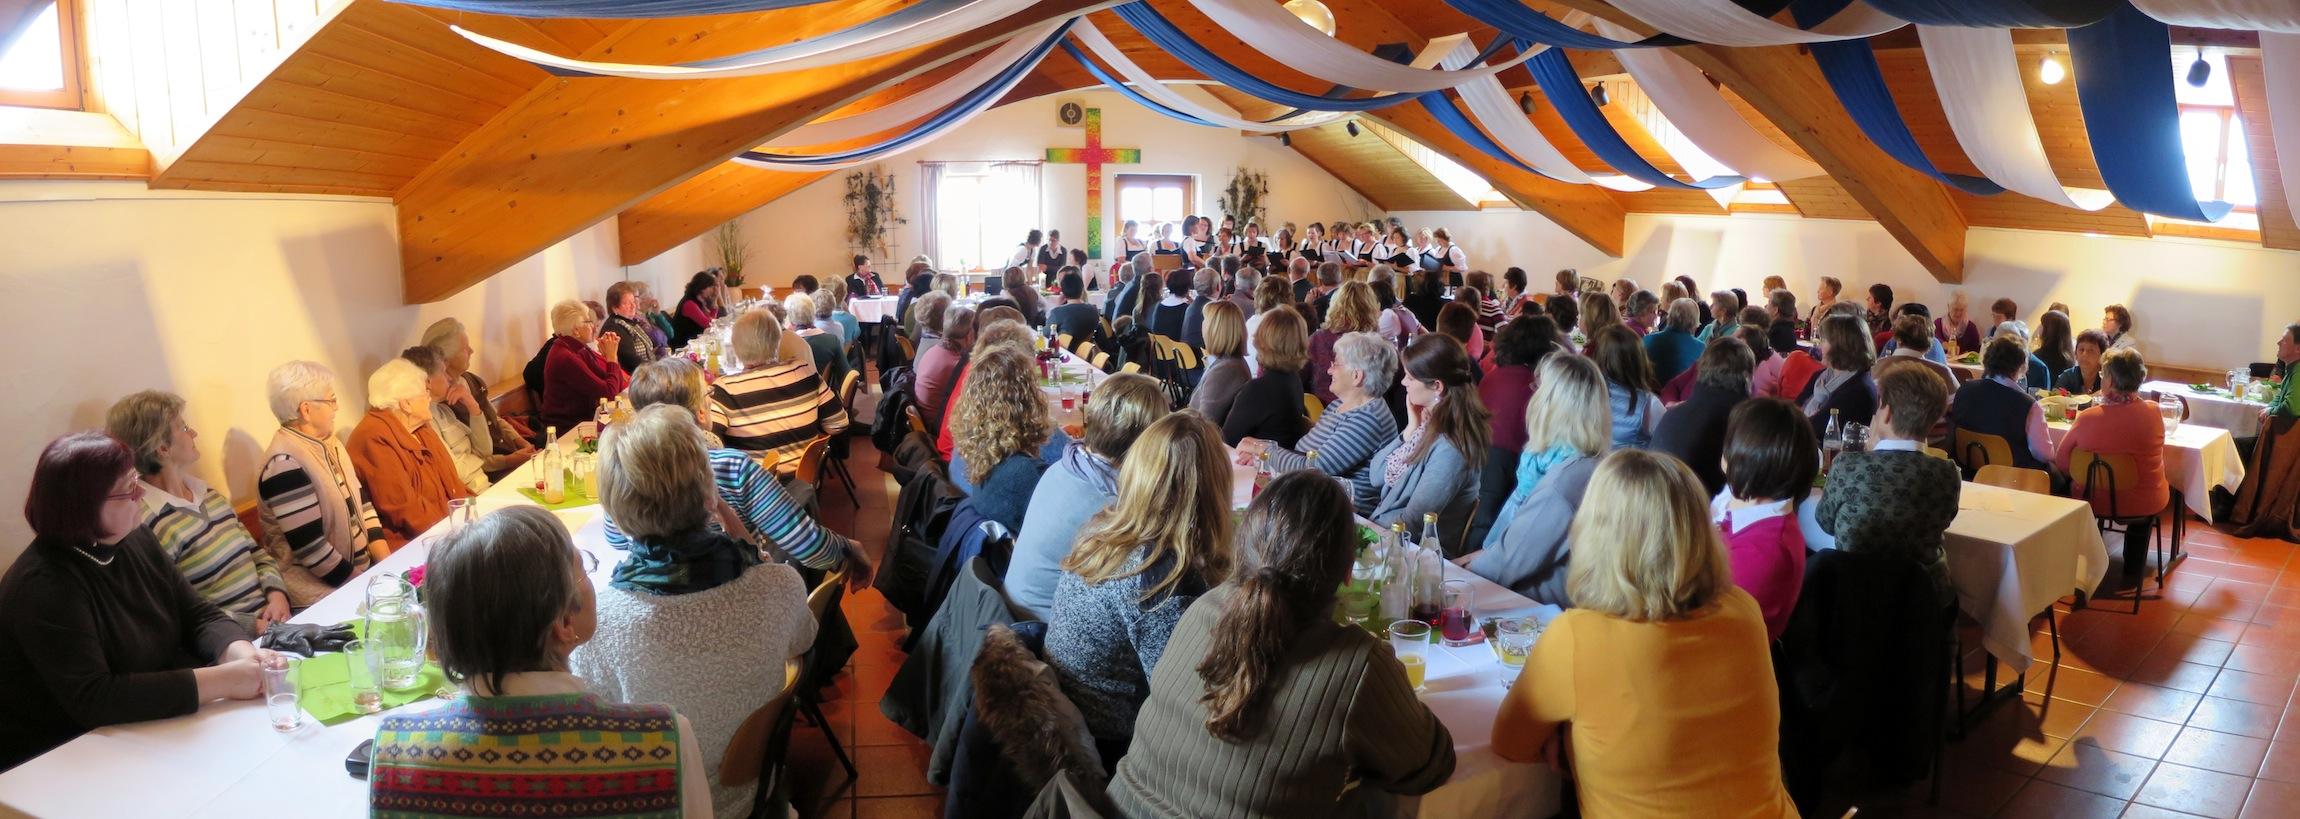 90-Jahrfeier der Gemeinschaft katholischer Frauen Vogtareuth